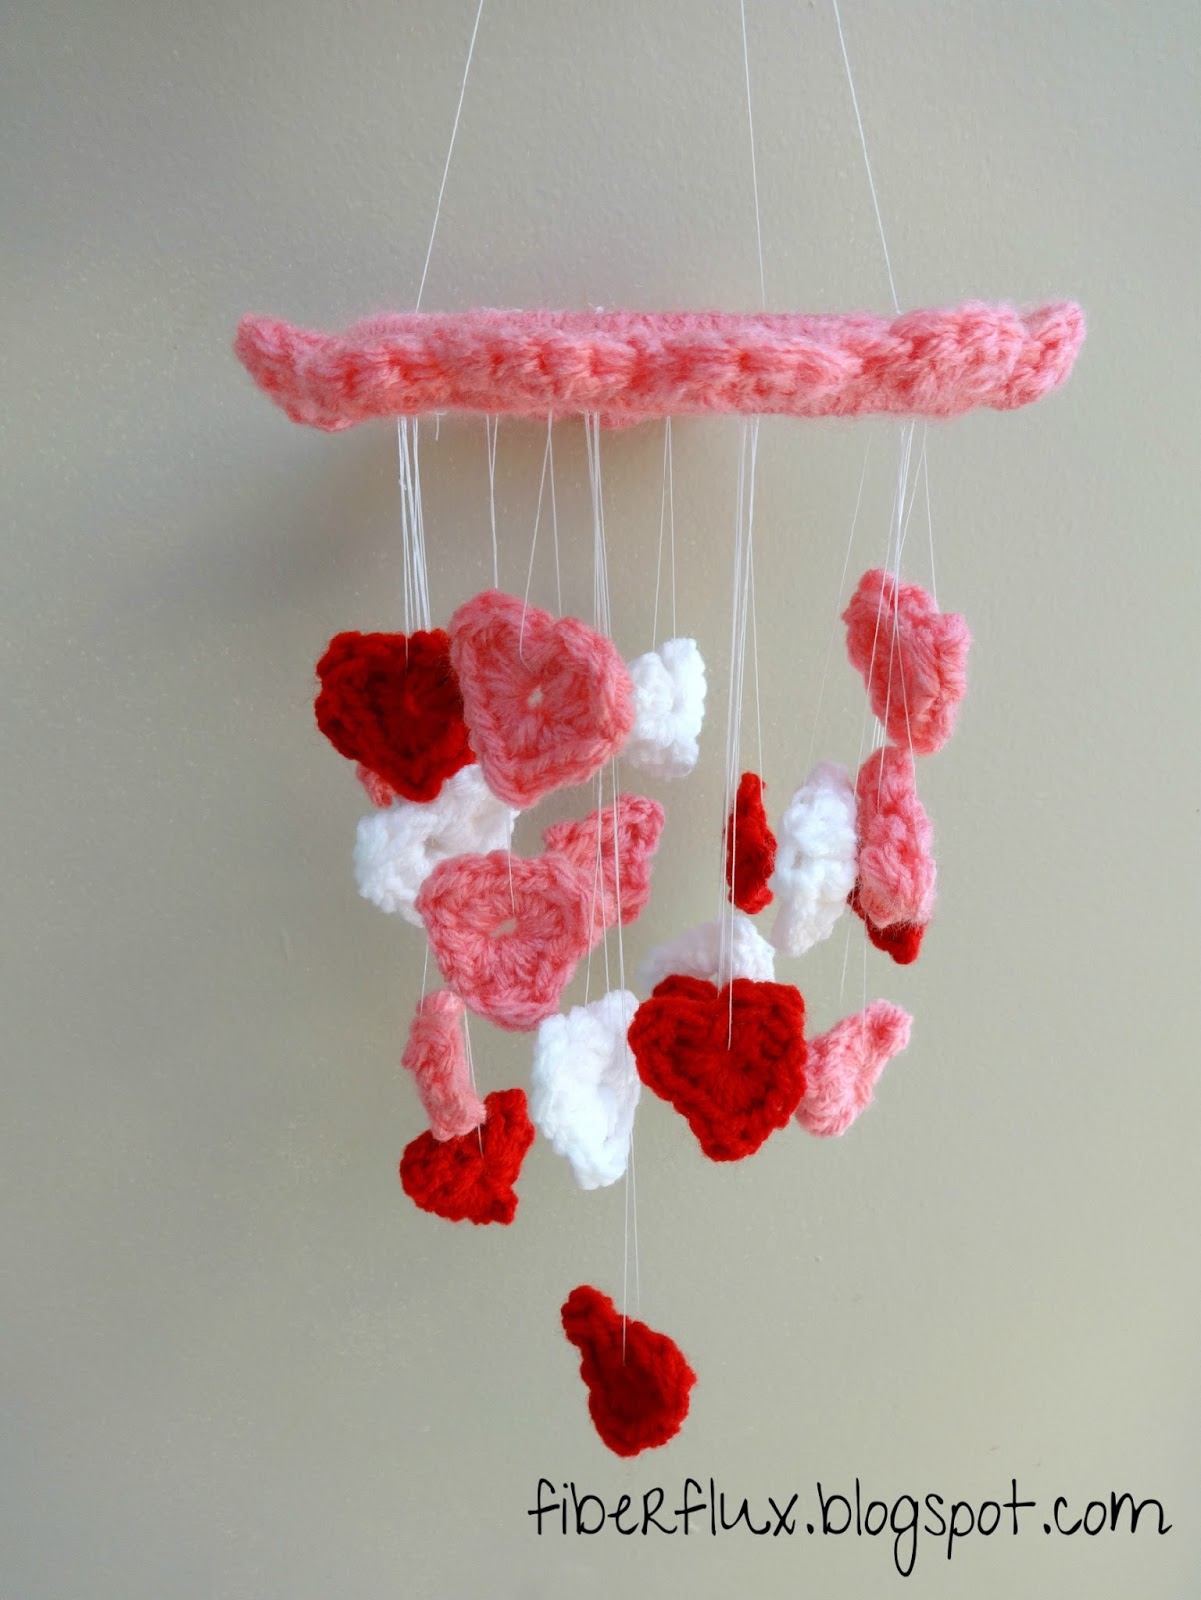 Fluttery Hearts Chandelier